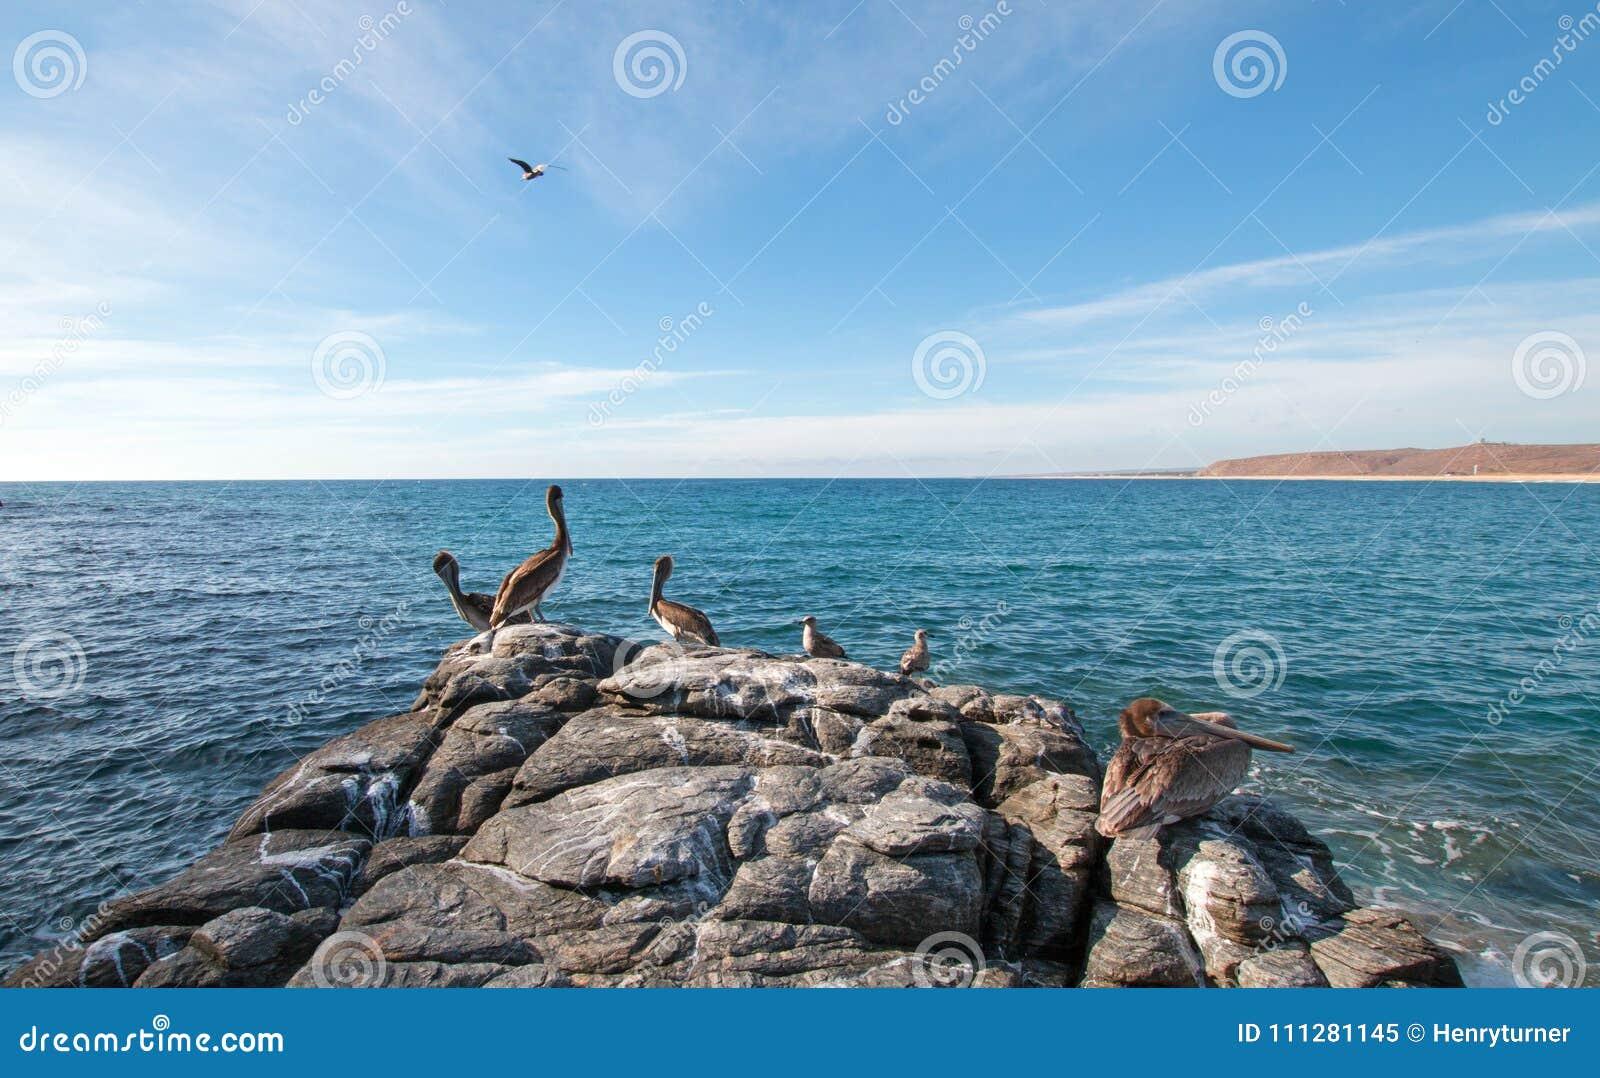 栖息在岩石露出的加利福尼亚布朗鹈鹕在喜瑞都靠岸在蓬塔罗伯斯在下加利福尼亚州墨西哥